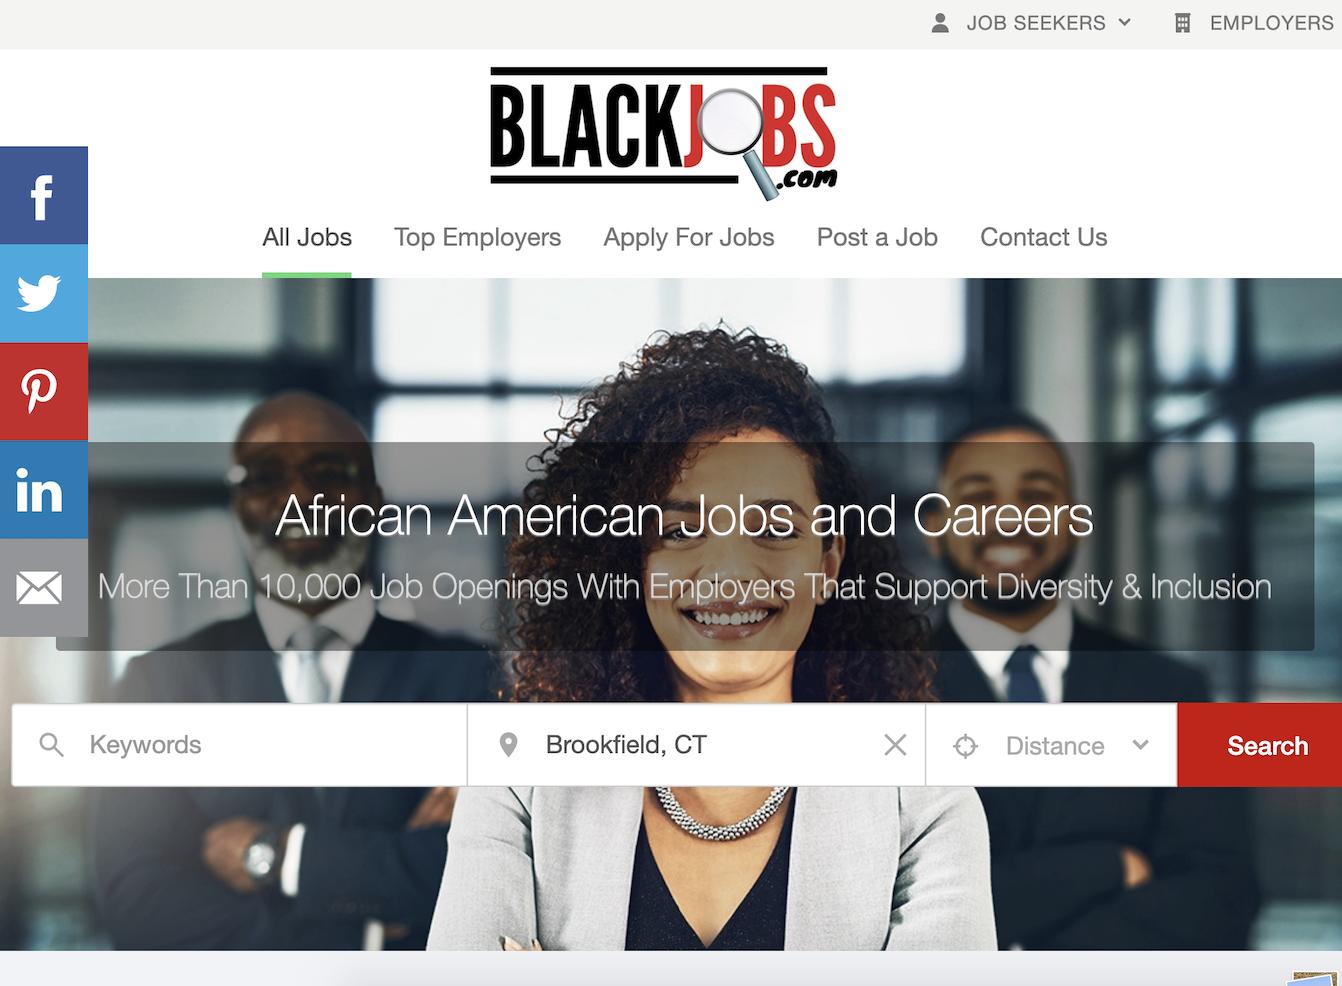 BlackJobs.com